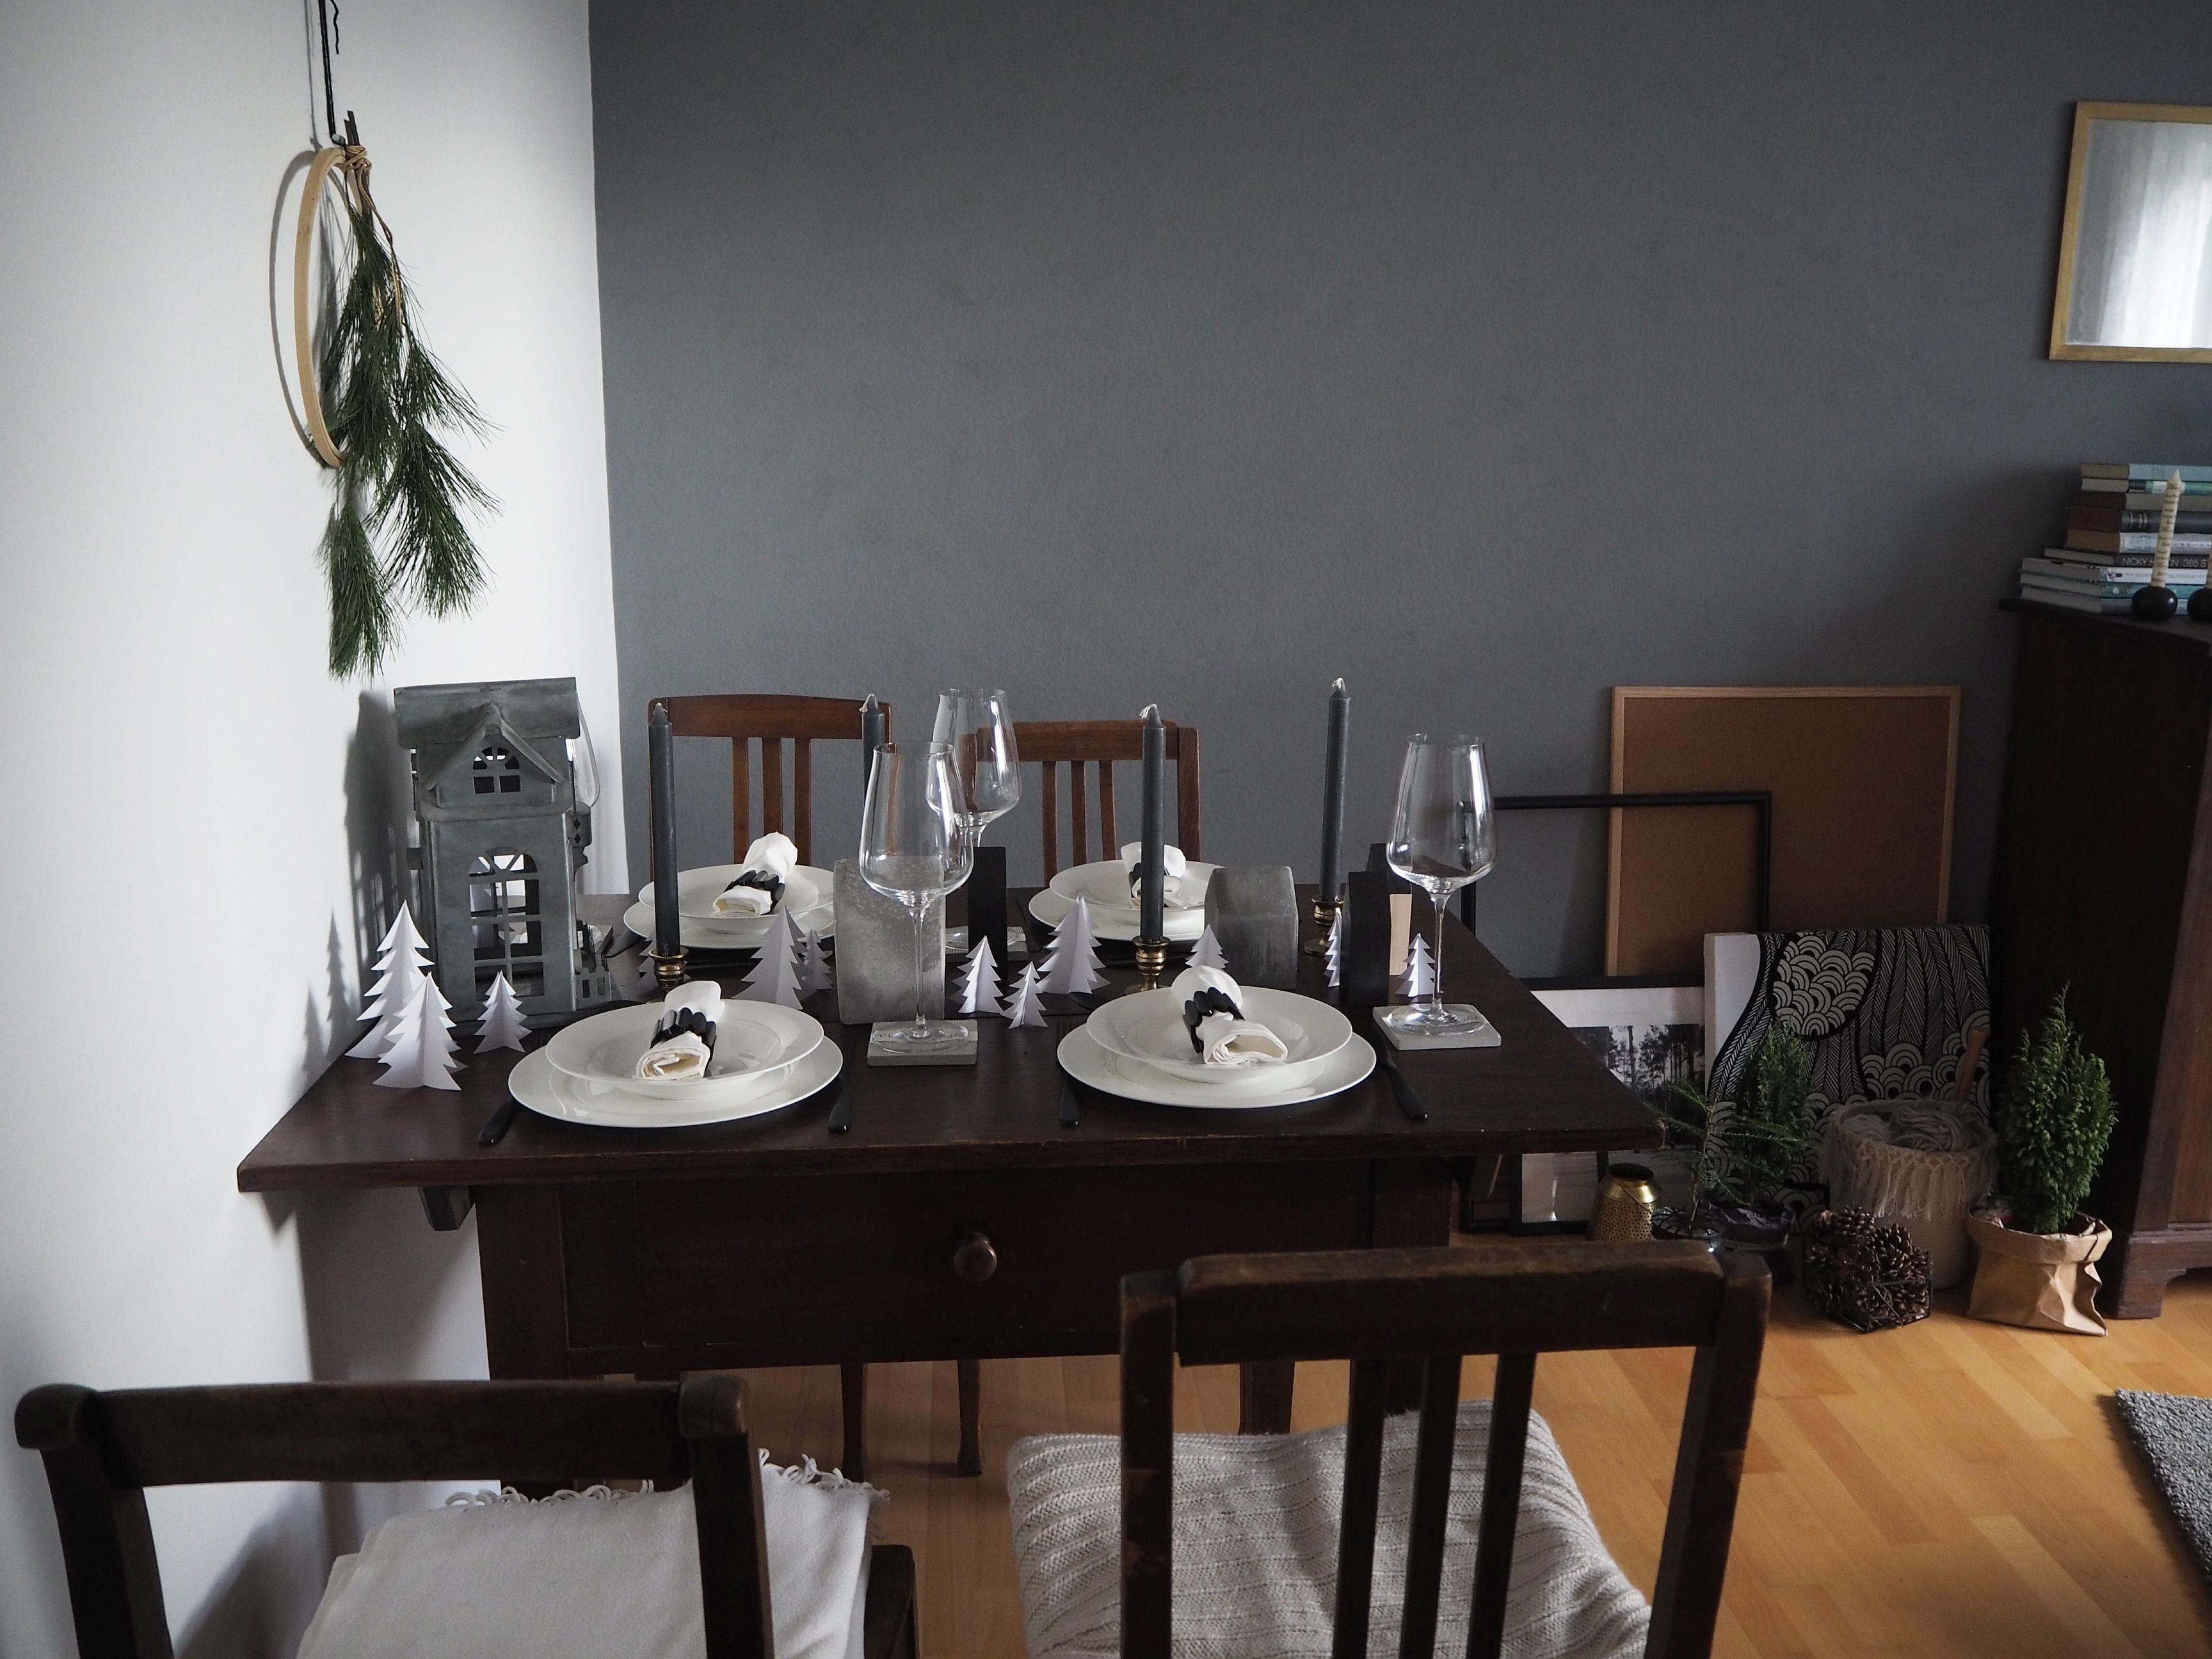 Tischdeko Weihnachtliche Winterlandschaft In Grau Skon Och Kreativ